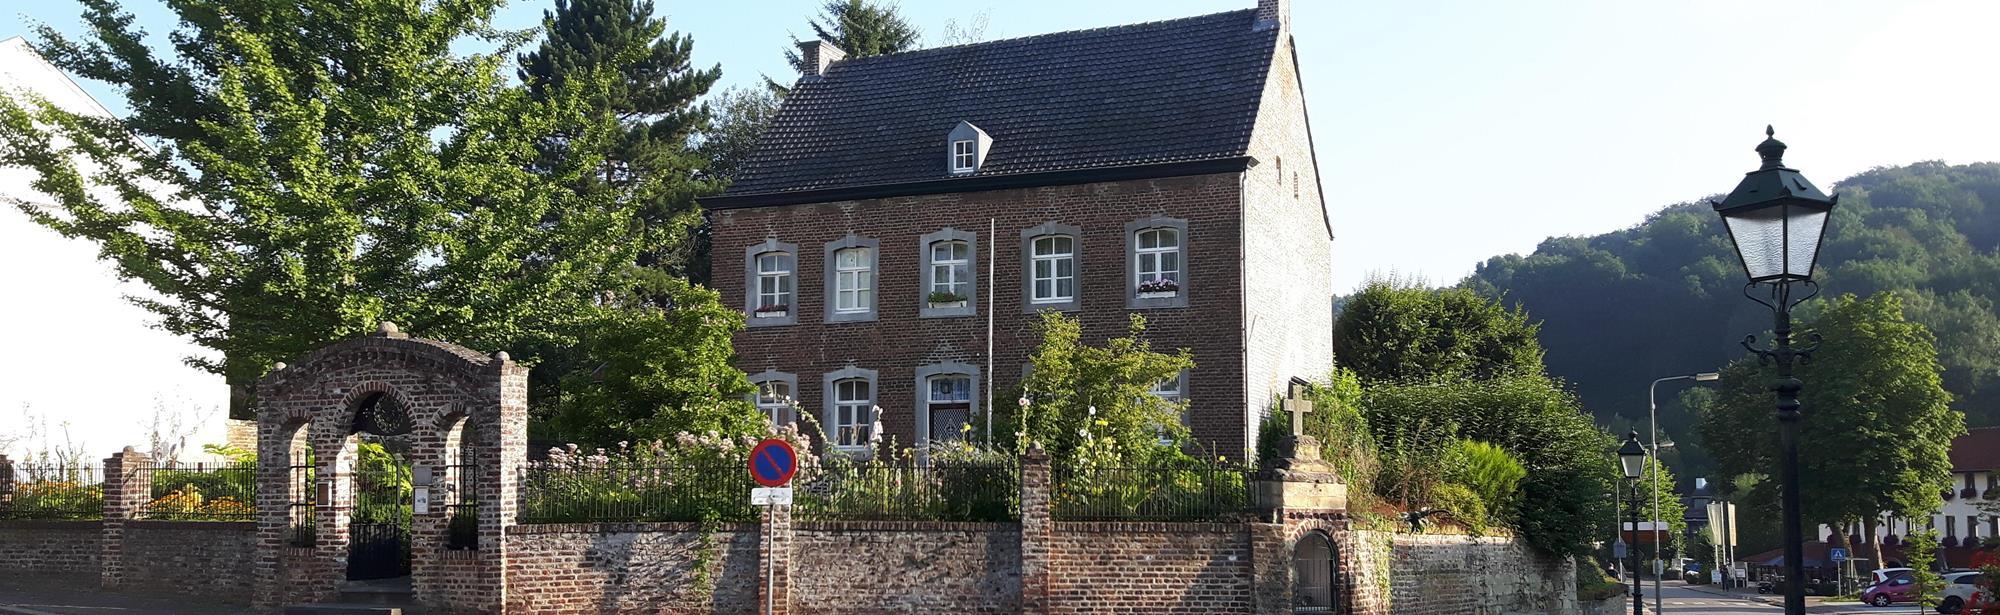 Kerkelijk museum Slenaken